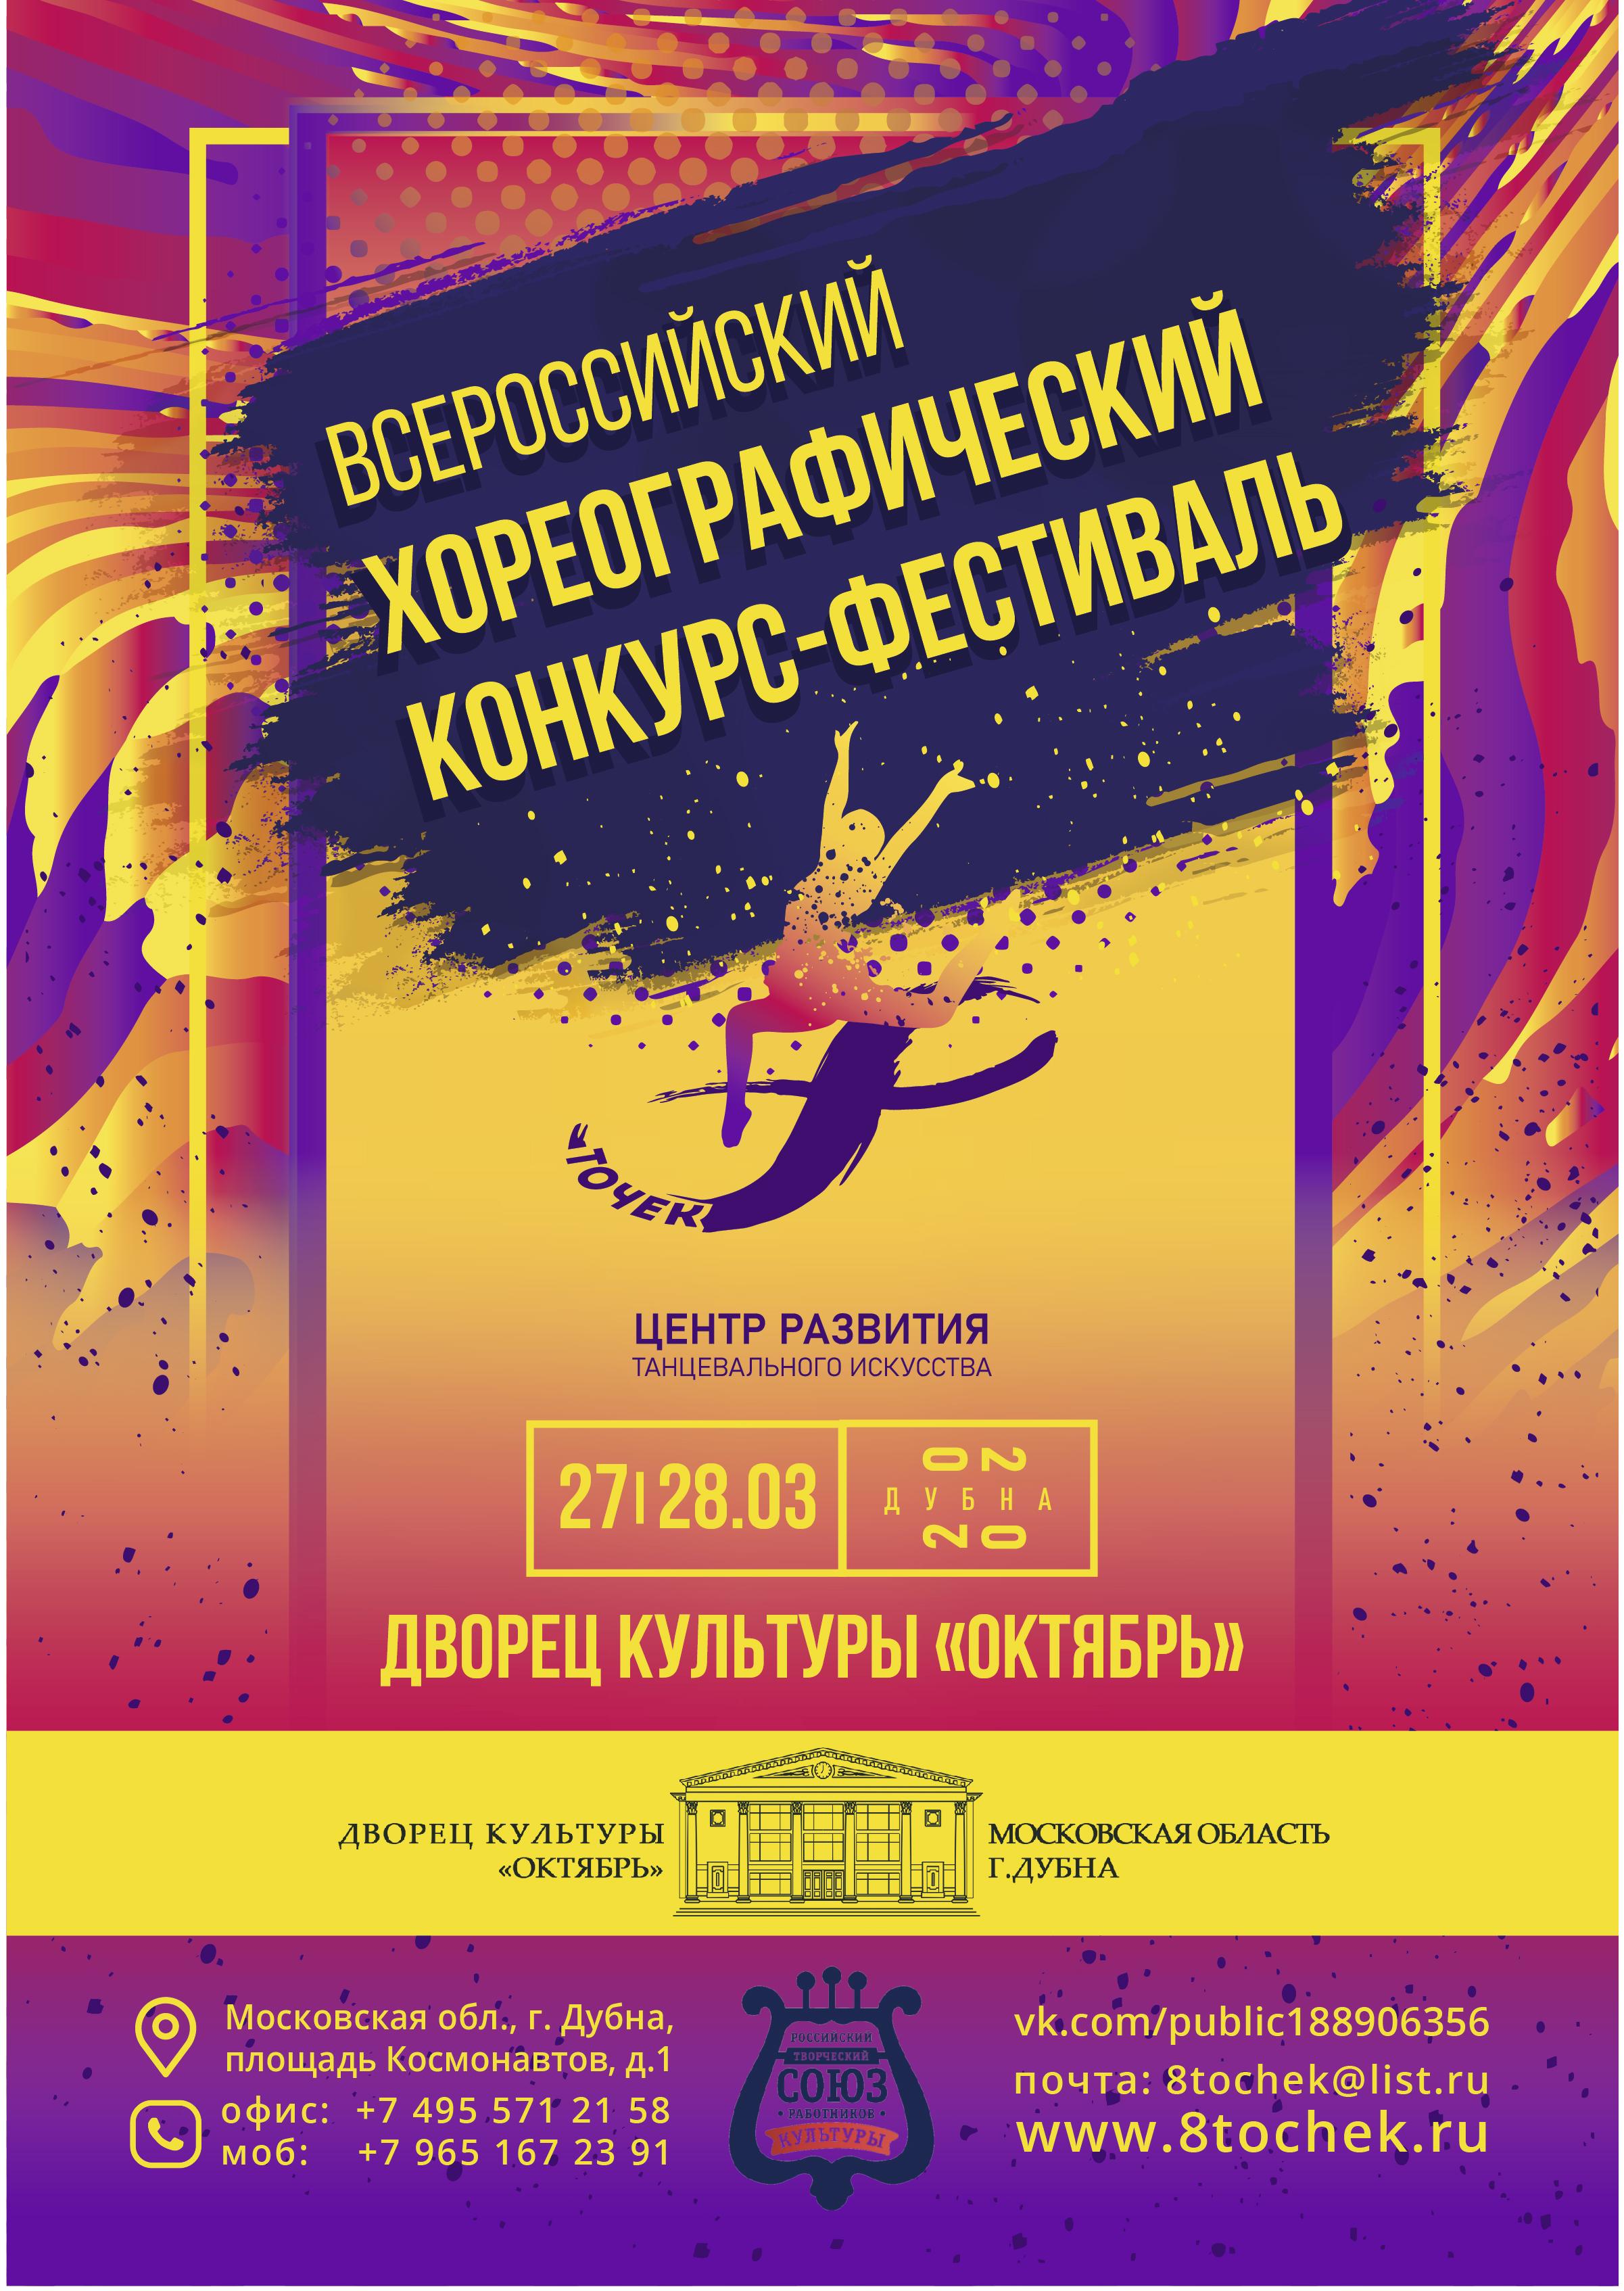 Всероссийский хореографический фестиваль-конкурс «8 ТОЧЕК»